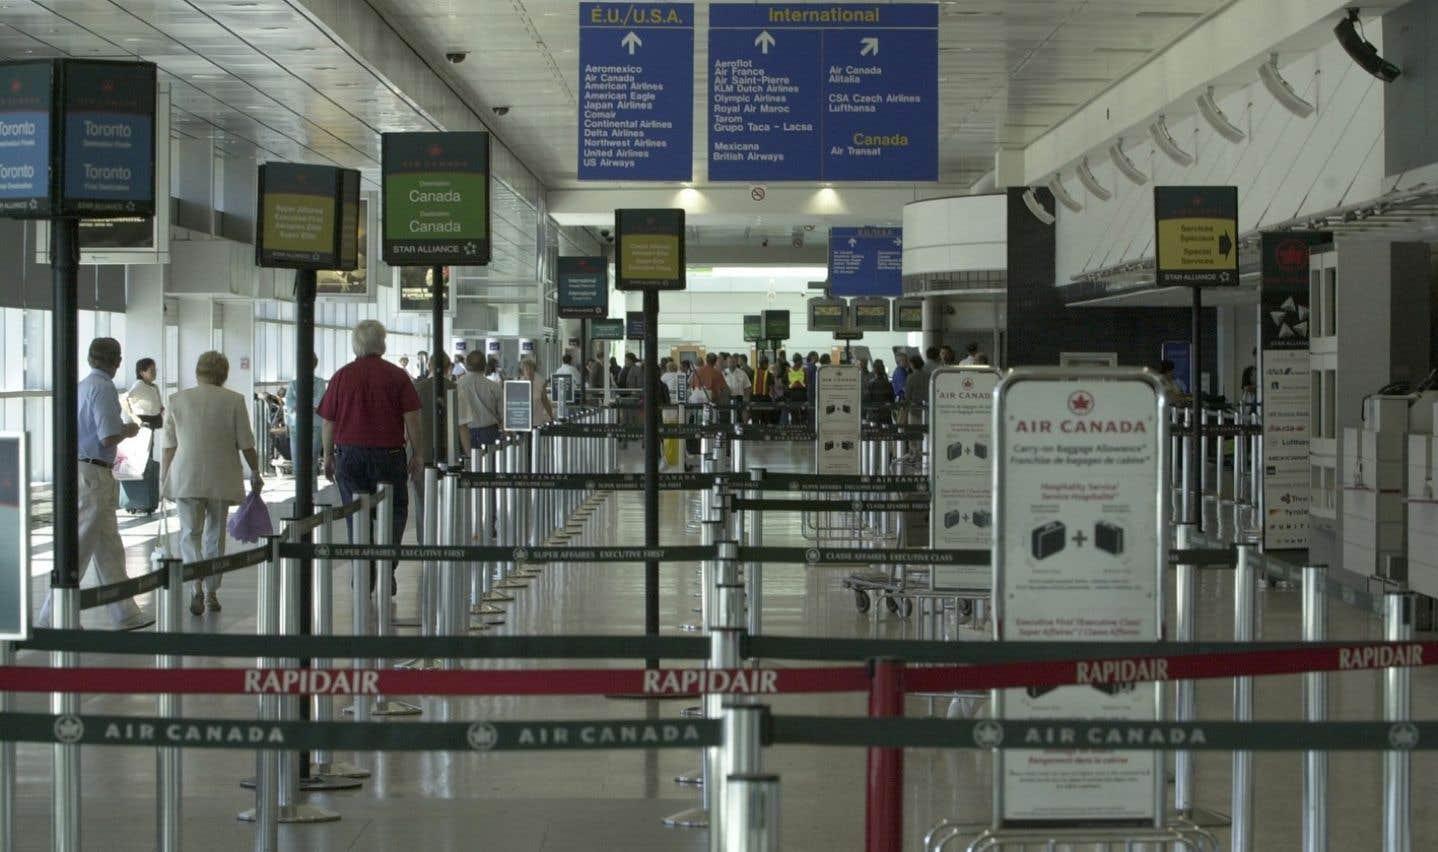 Les voyageurs sont invités à consulter les sites Web des aéroports avant de s'y rendre afin de s'assurer que leur vol soit toujours à l'horaire.